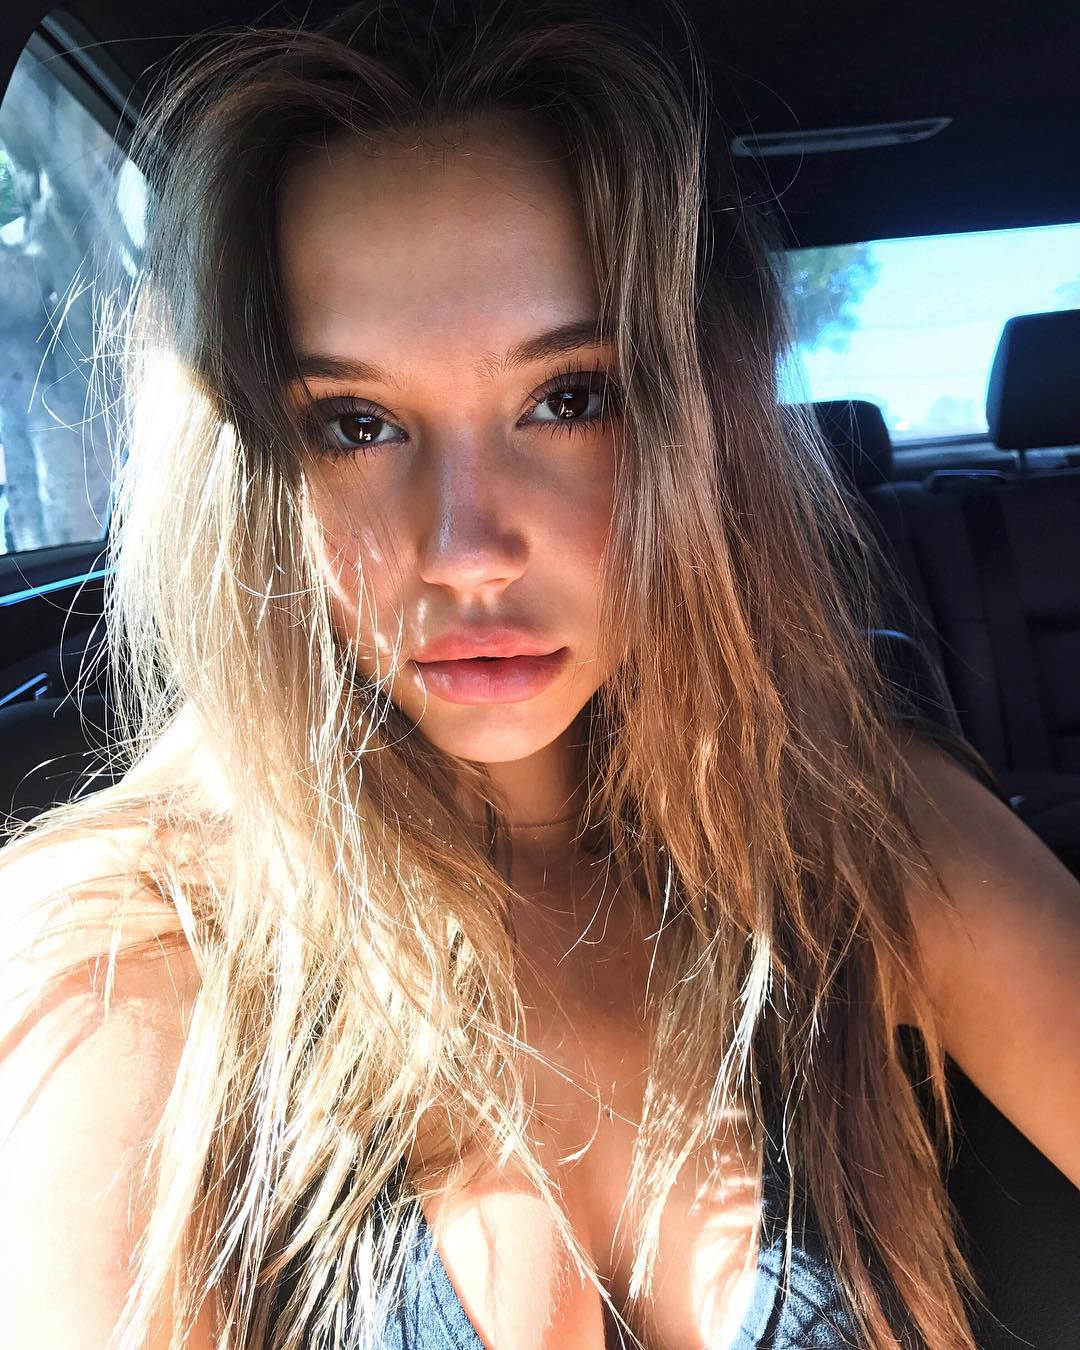 Selfie Alexis Ren nudes (86 foto and video), Ass, Sideboobs, Selfie, braless 2015